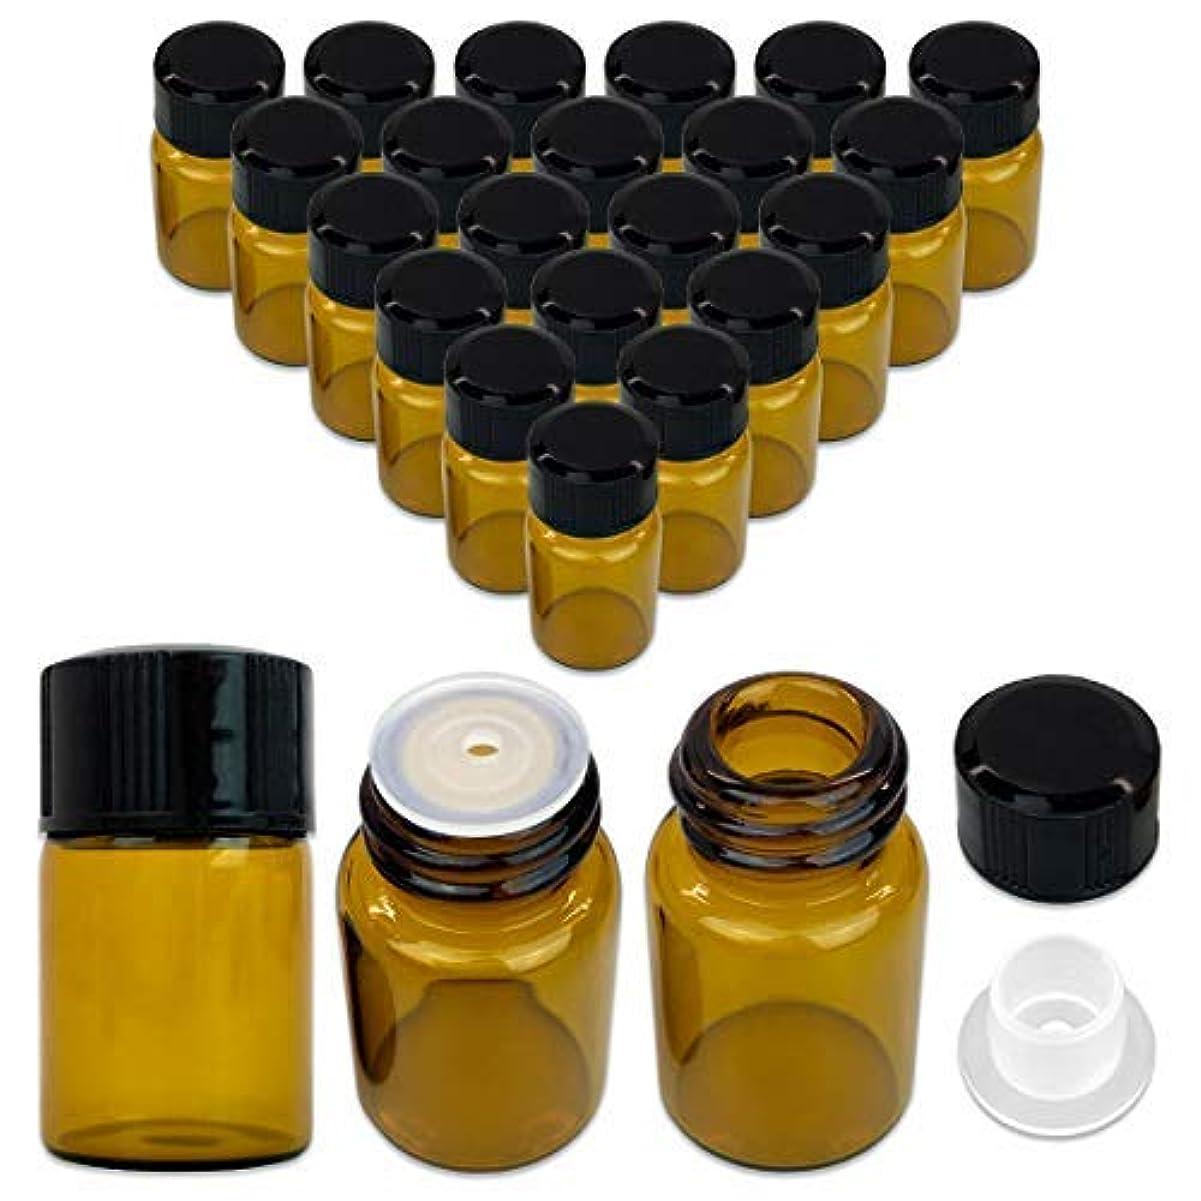 コメント安心口述する24 Packs Beauticom 2ML Amber Glass Vial for Essential Oils, Aromatherapy, Fragrance, Serums, Spritzes, with Orifice...